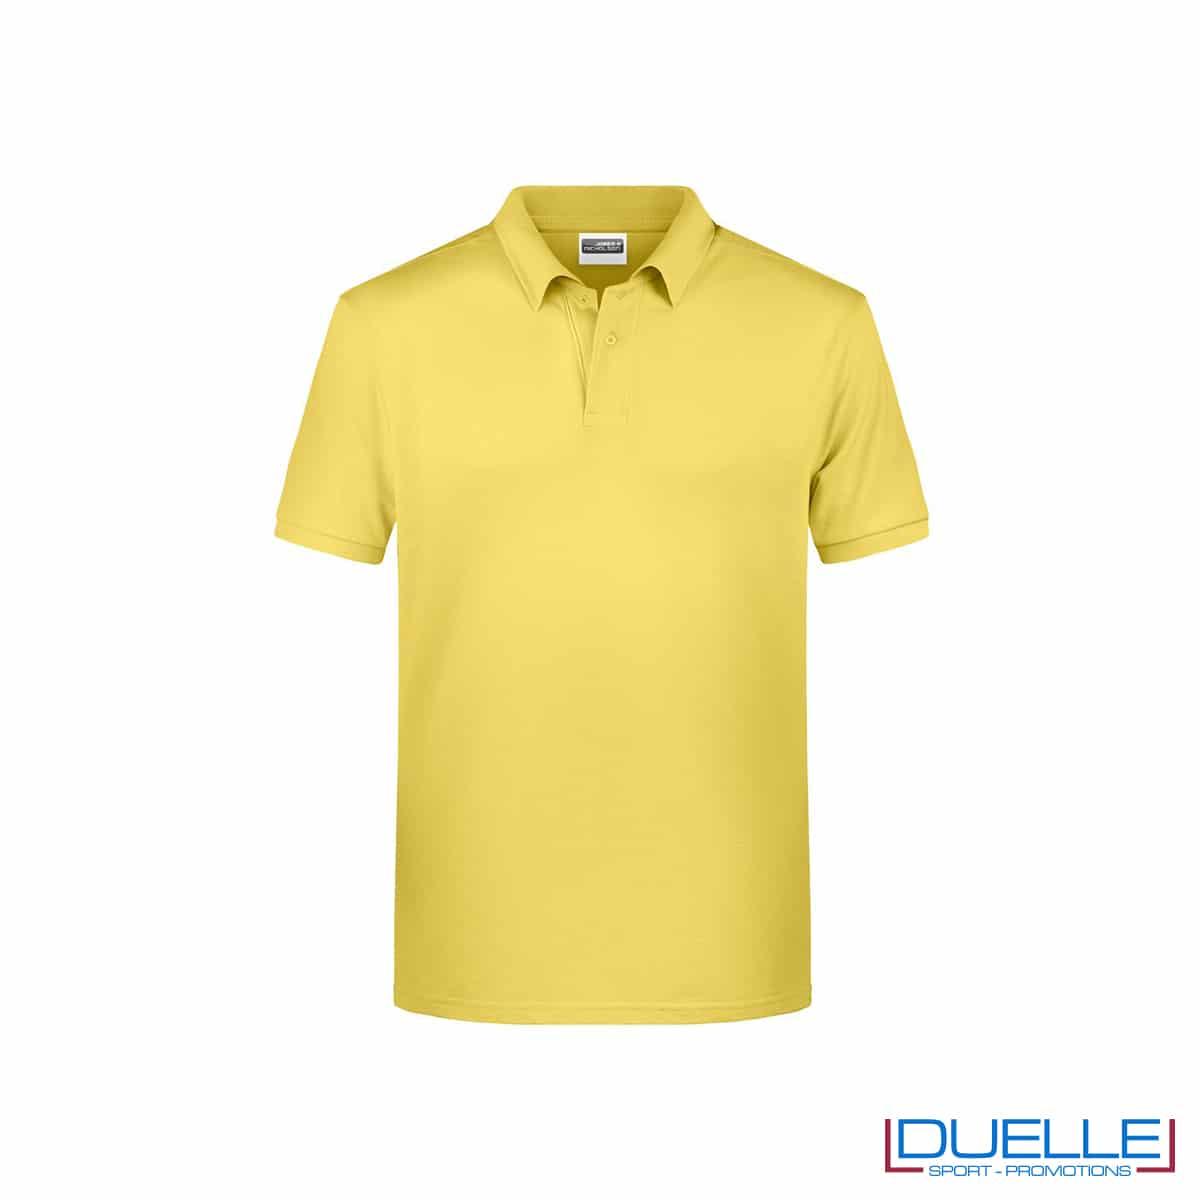 Polo ecologica 100% cotone organico colore giallo chiaro